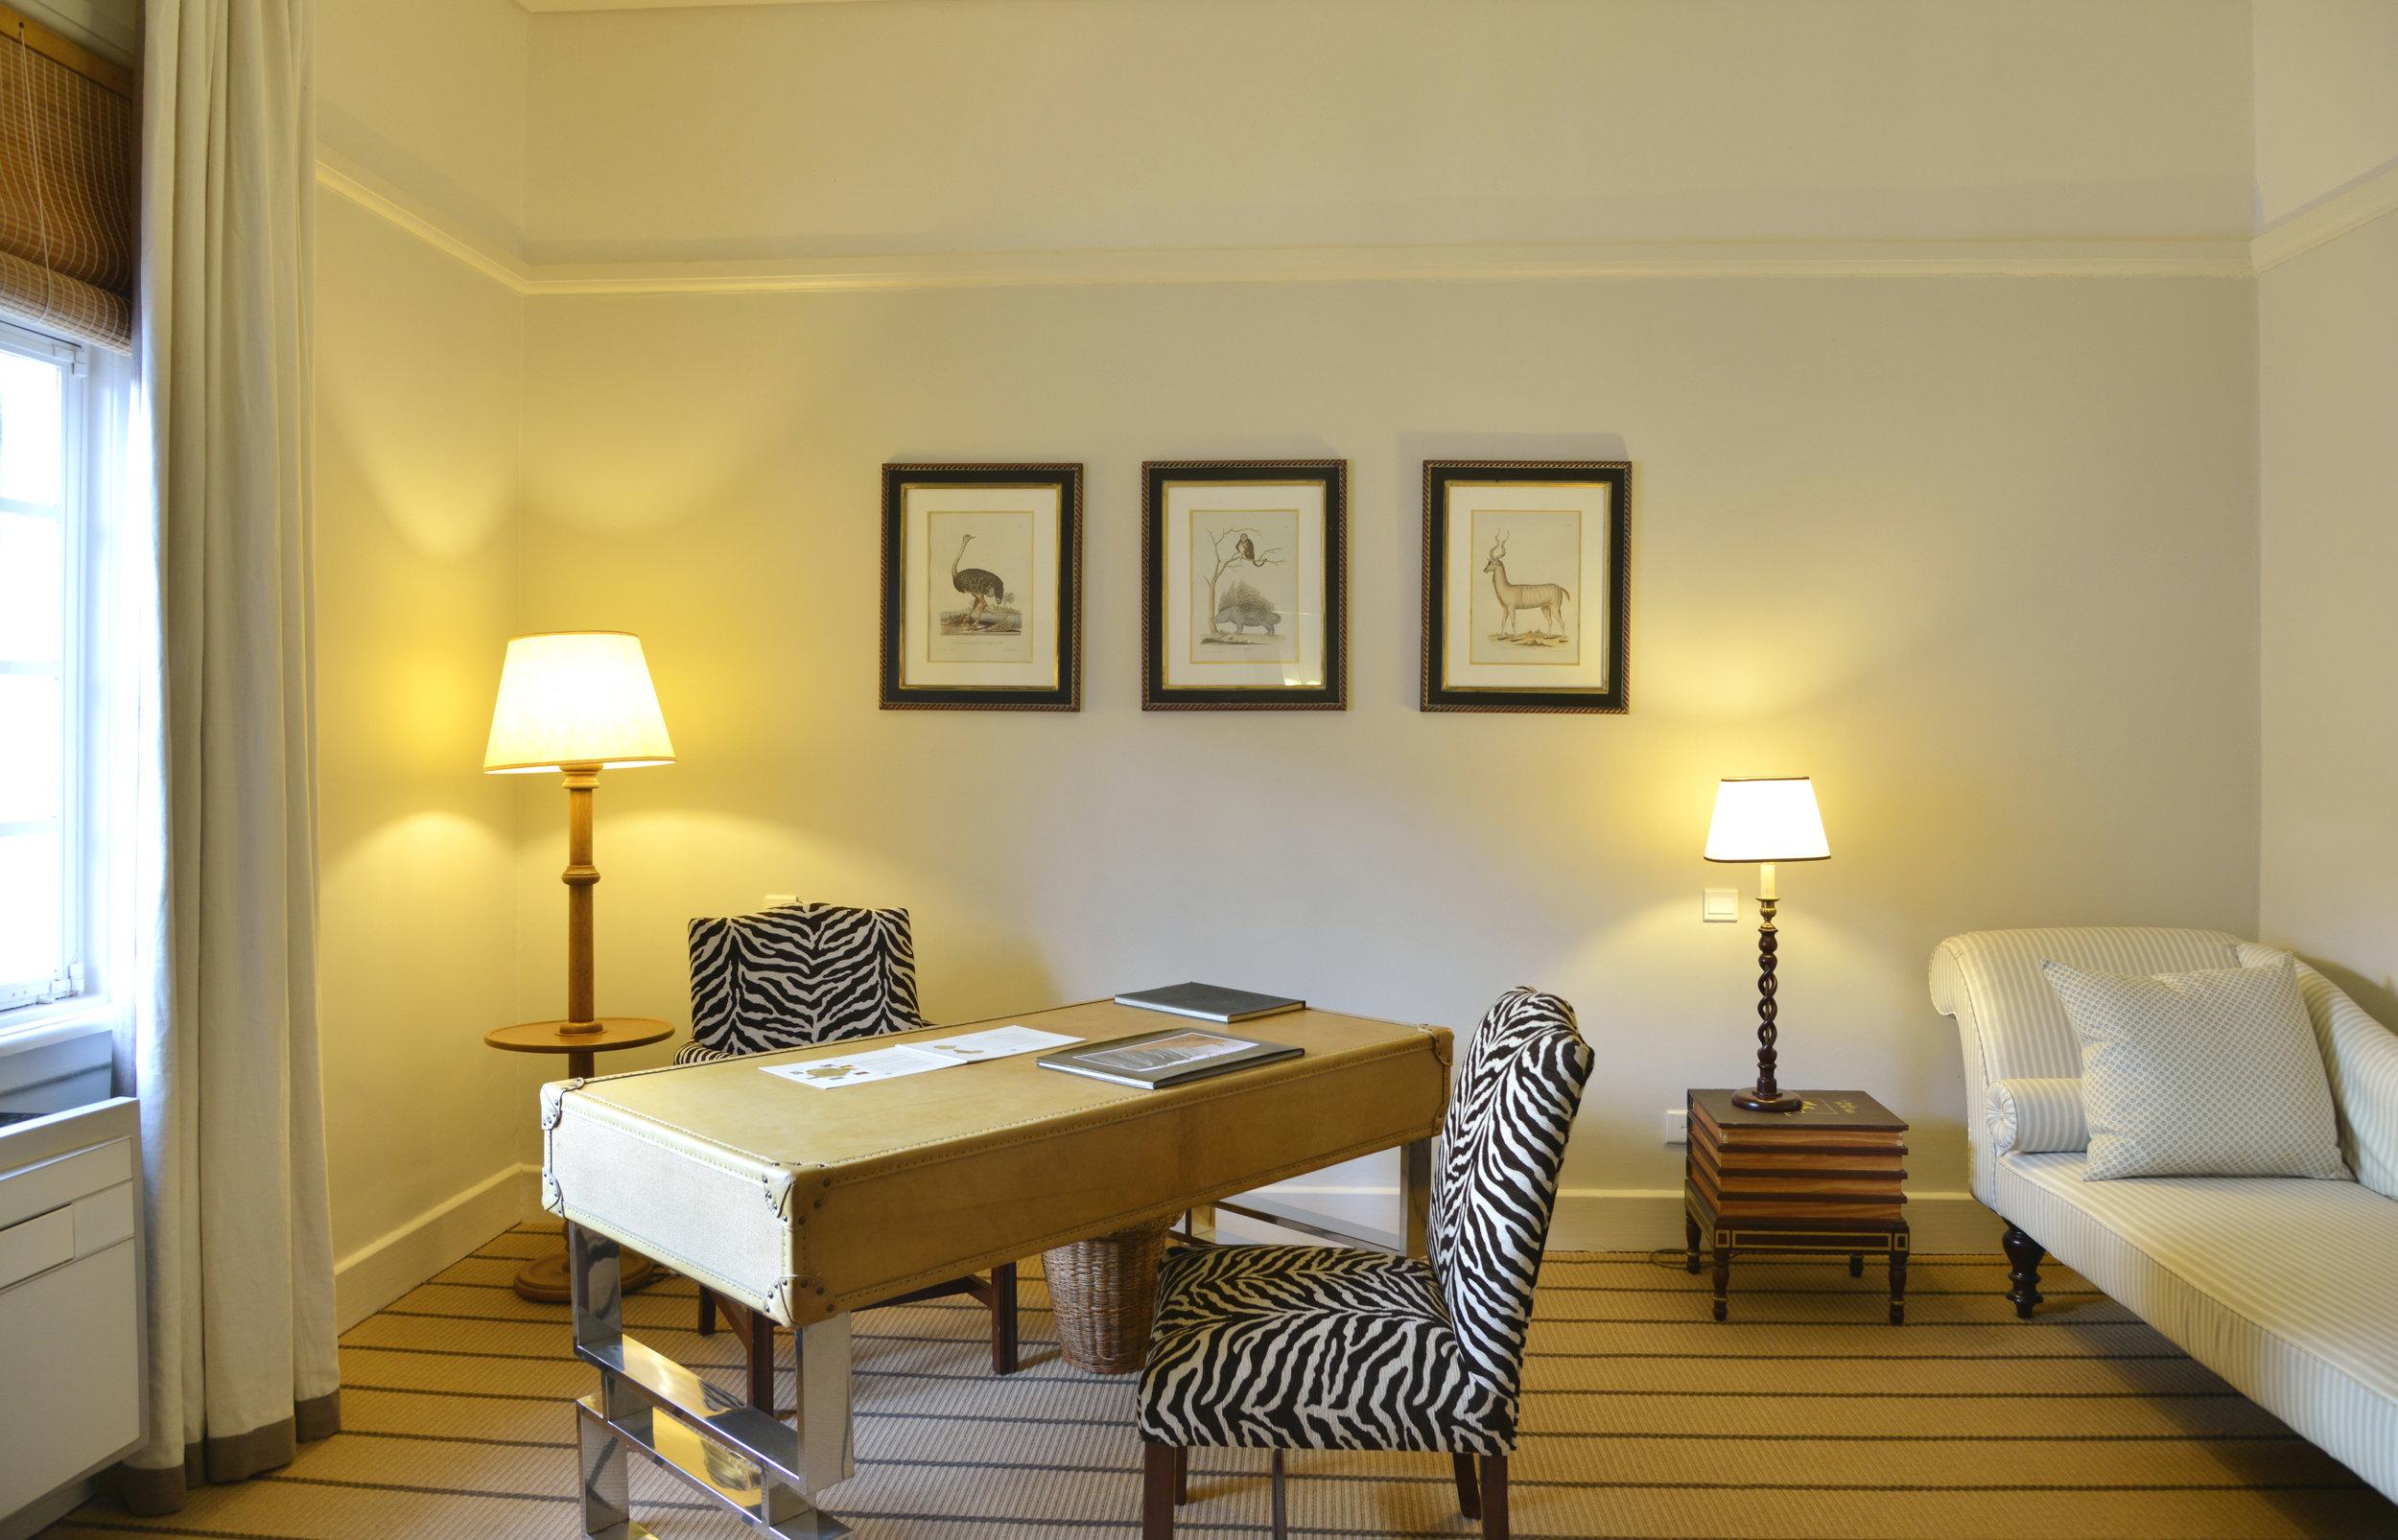 9-presidential-suite-study1.jpg